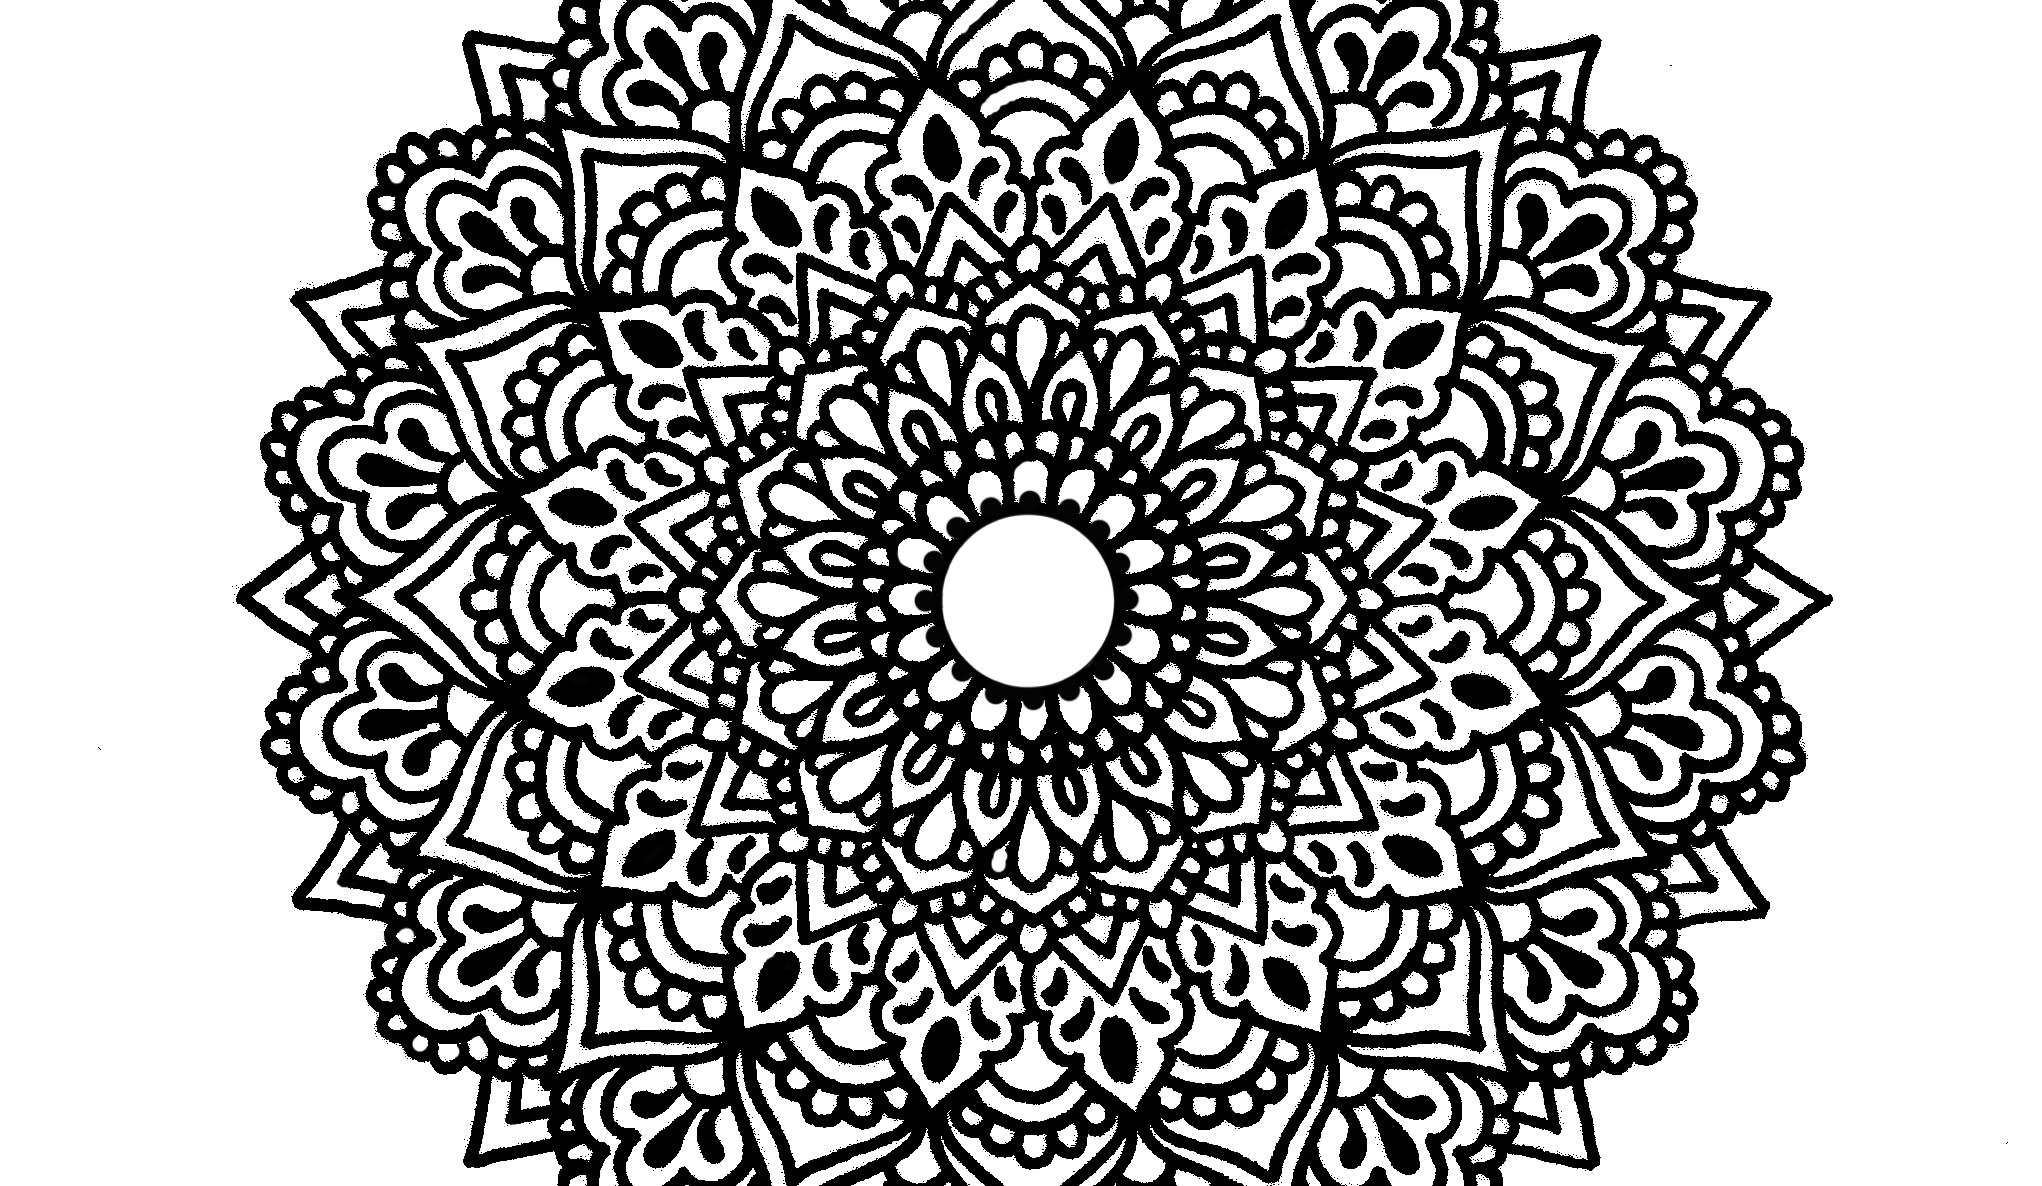 Mandala Monday #6